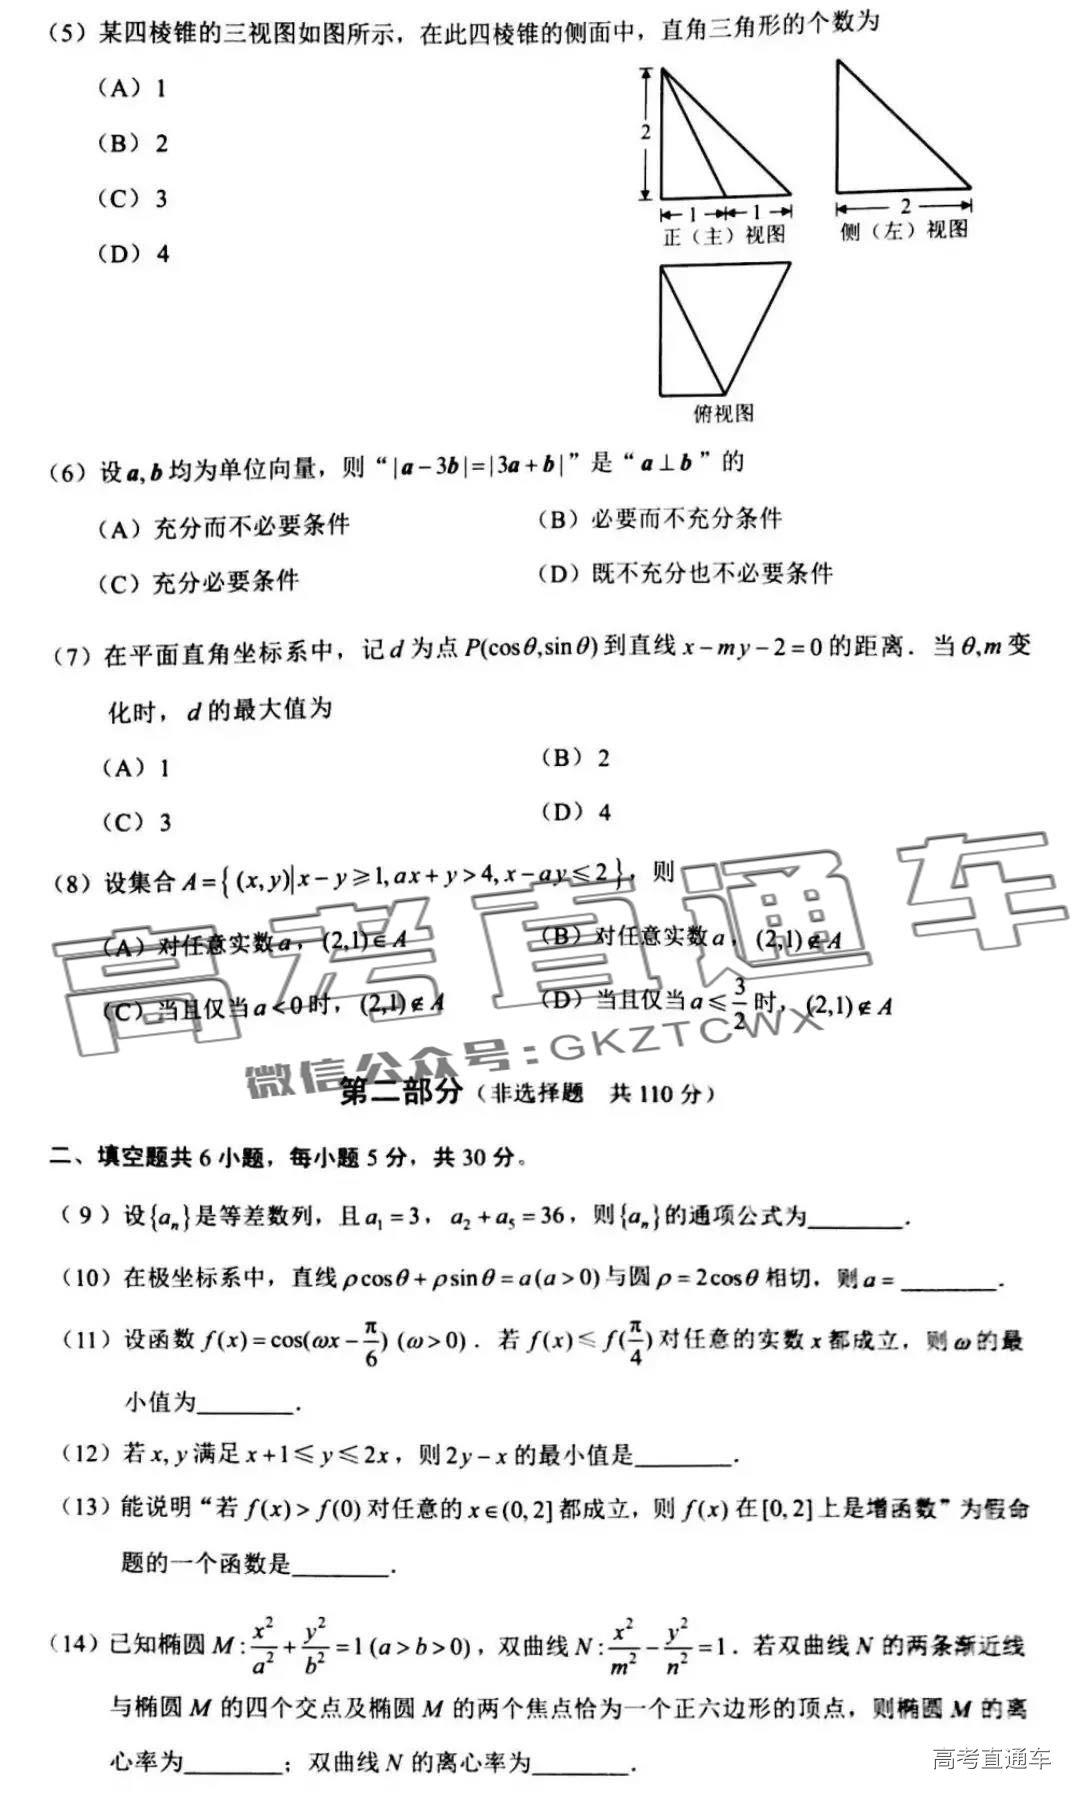 北京理数2.jpg